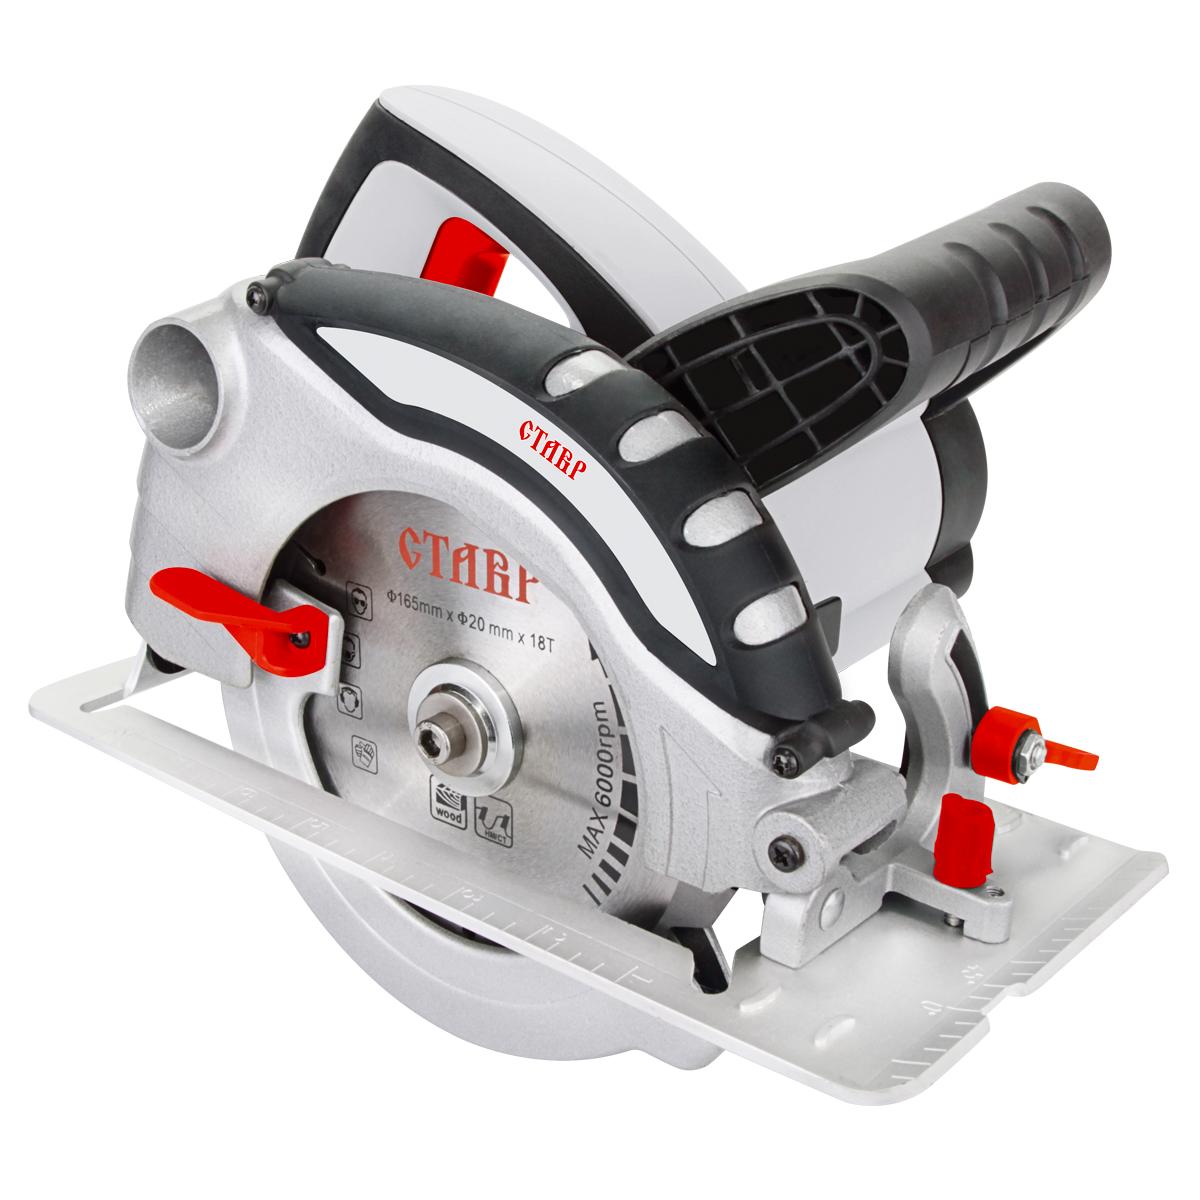 Пила дисковая Ставр ПДЭ-165/1300ст165-1300пдэЭлектрическая дисковая пила Ставр ПДЭ-165/1300 предназначена для распиловки заготовок из древесины. Дополнительная рукоятка обеспечивает комфортный рабочий процесс. Угол пропила регулируется в диапазоне от 0 до 45° градусов. Для поддержания чистоты рабочего места можно подключить пылесос или мешок для сбора пыли. Комплектация: пила, установленный пильный диск, параллельный упор, ключ для крепления диска, угольные щетки (комплект), инструкция.Напряжение сети, В: 220. Частота, Гц: 50. Мощность, Вт: 1300. Число оборотов/мин: 4500. Размер диска, мм: 165. Максимальная глубина пропила, мм: 55 (90°) 38 (45°). Посадочный размер, мм: 20. Длина шнура питания, м: 3.